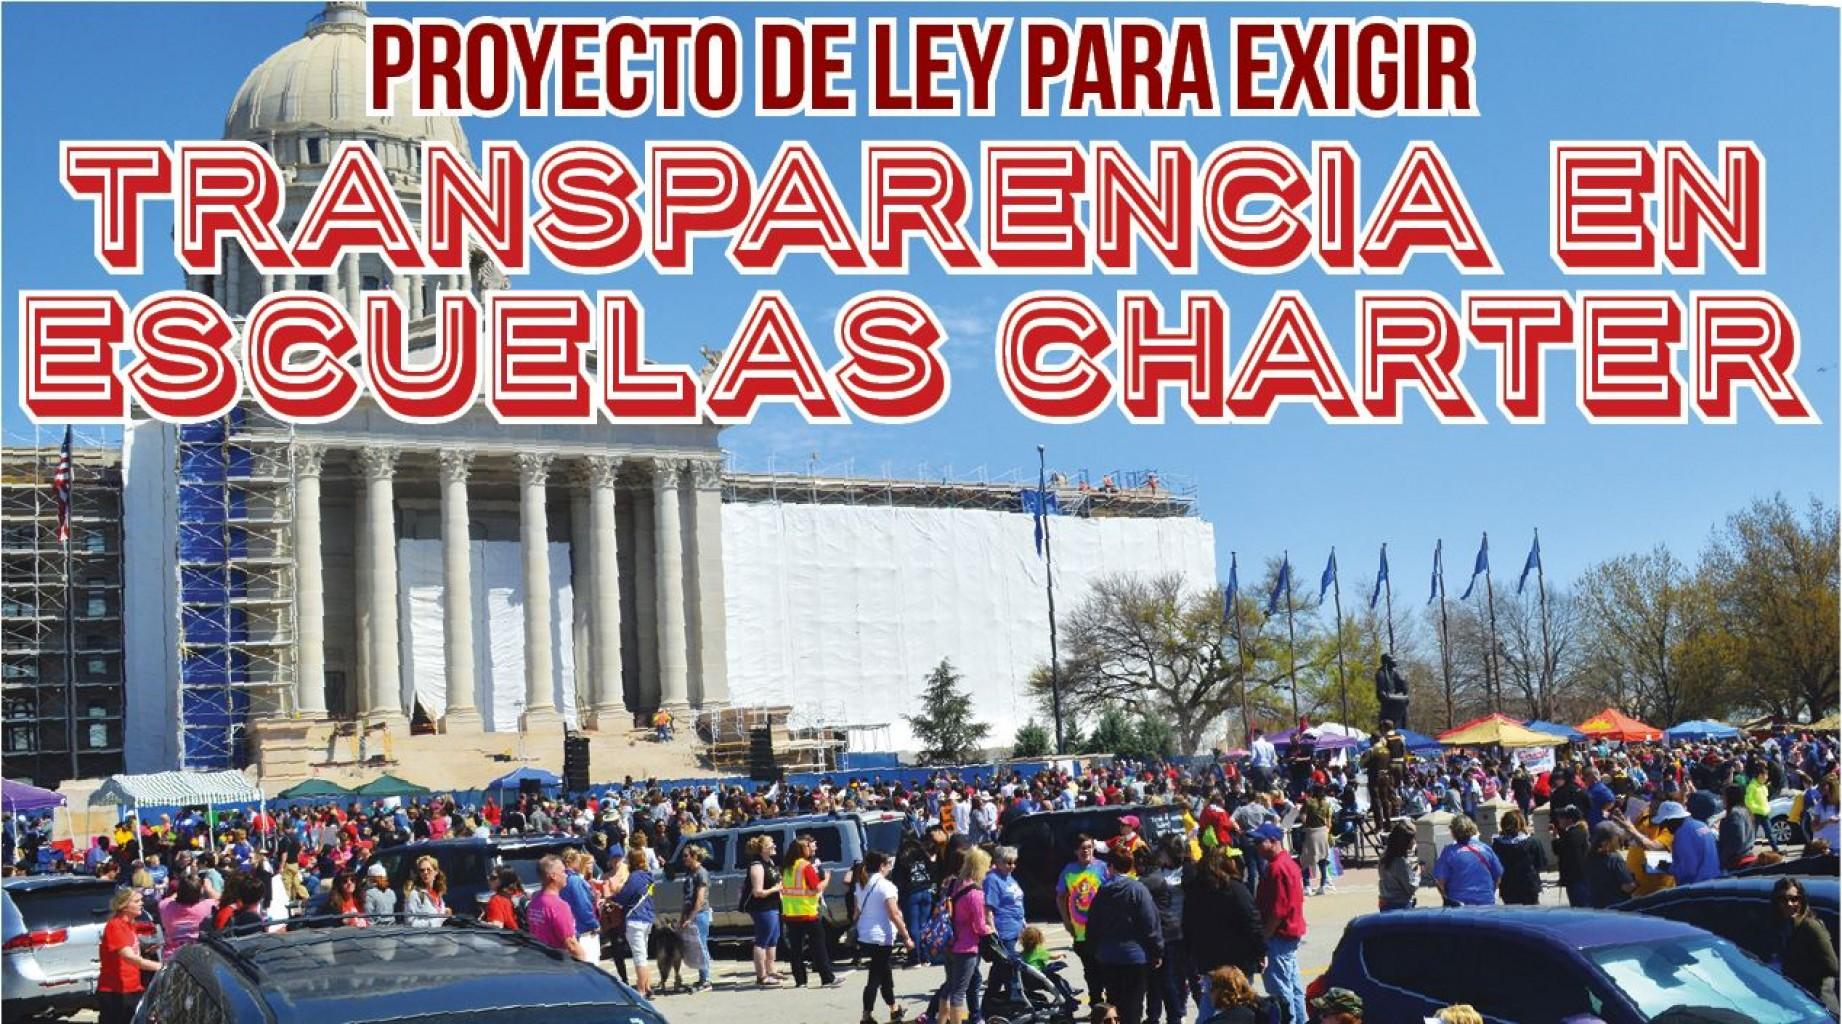 Proyecto de Ley para Exigir  Transparencia en Escuelas Charter